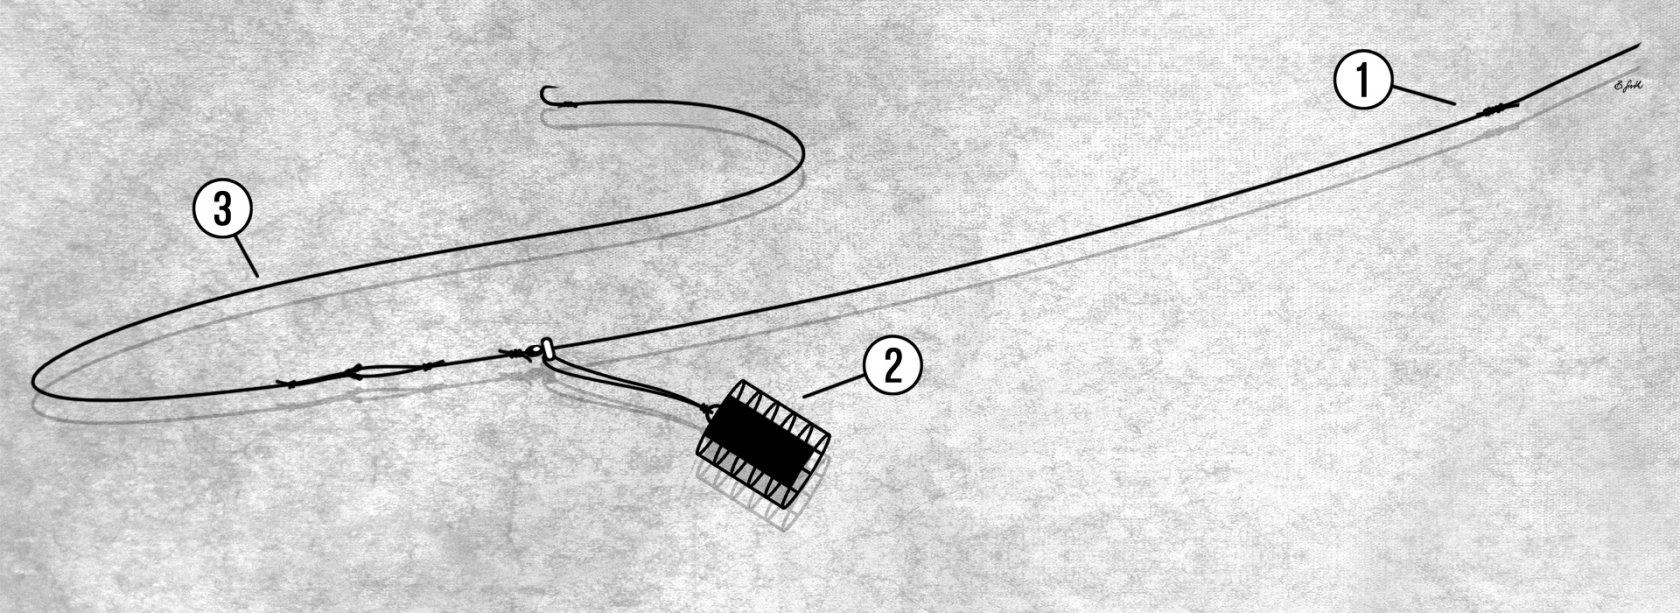 Feedermontage für Rotaugen